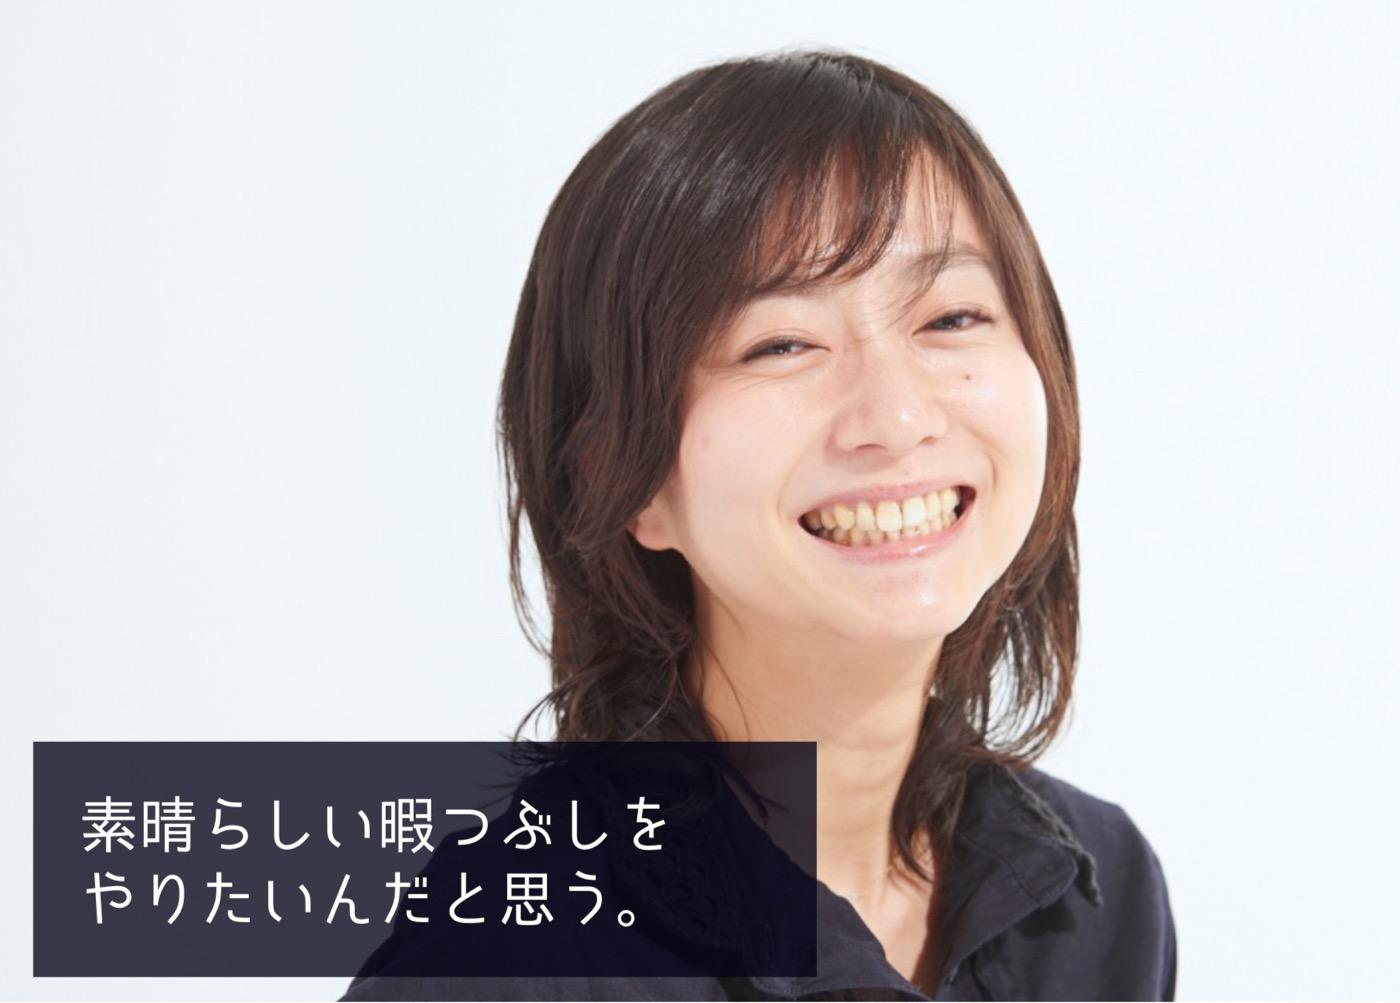 【作家・支援者インタビュー⑤】加藤亜由子が語る「旅を文章にすること」